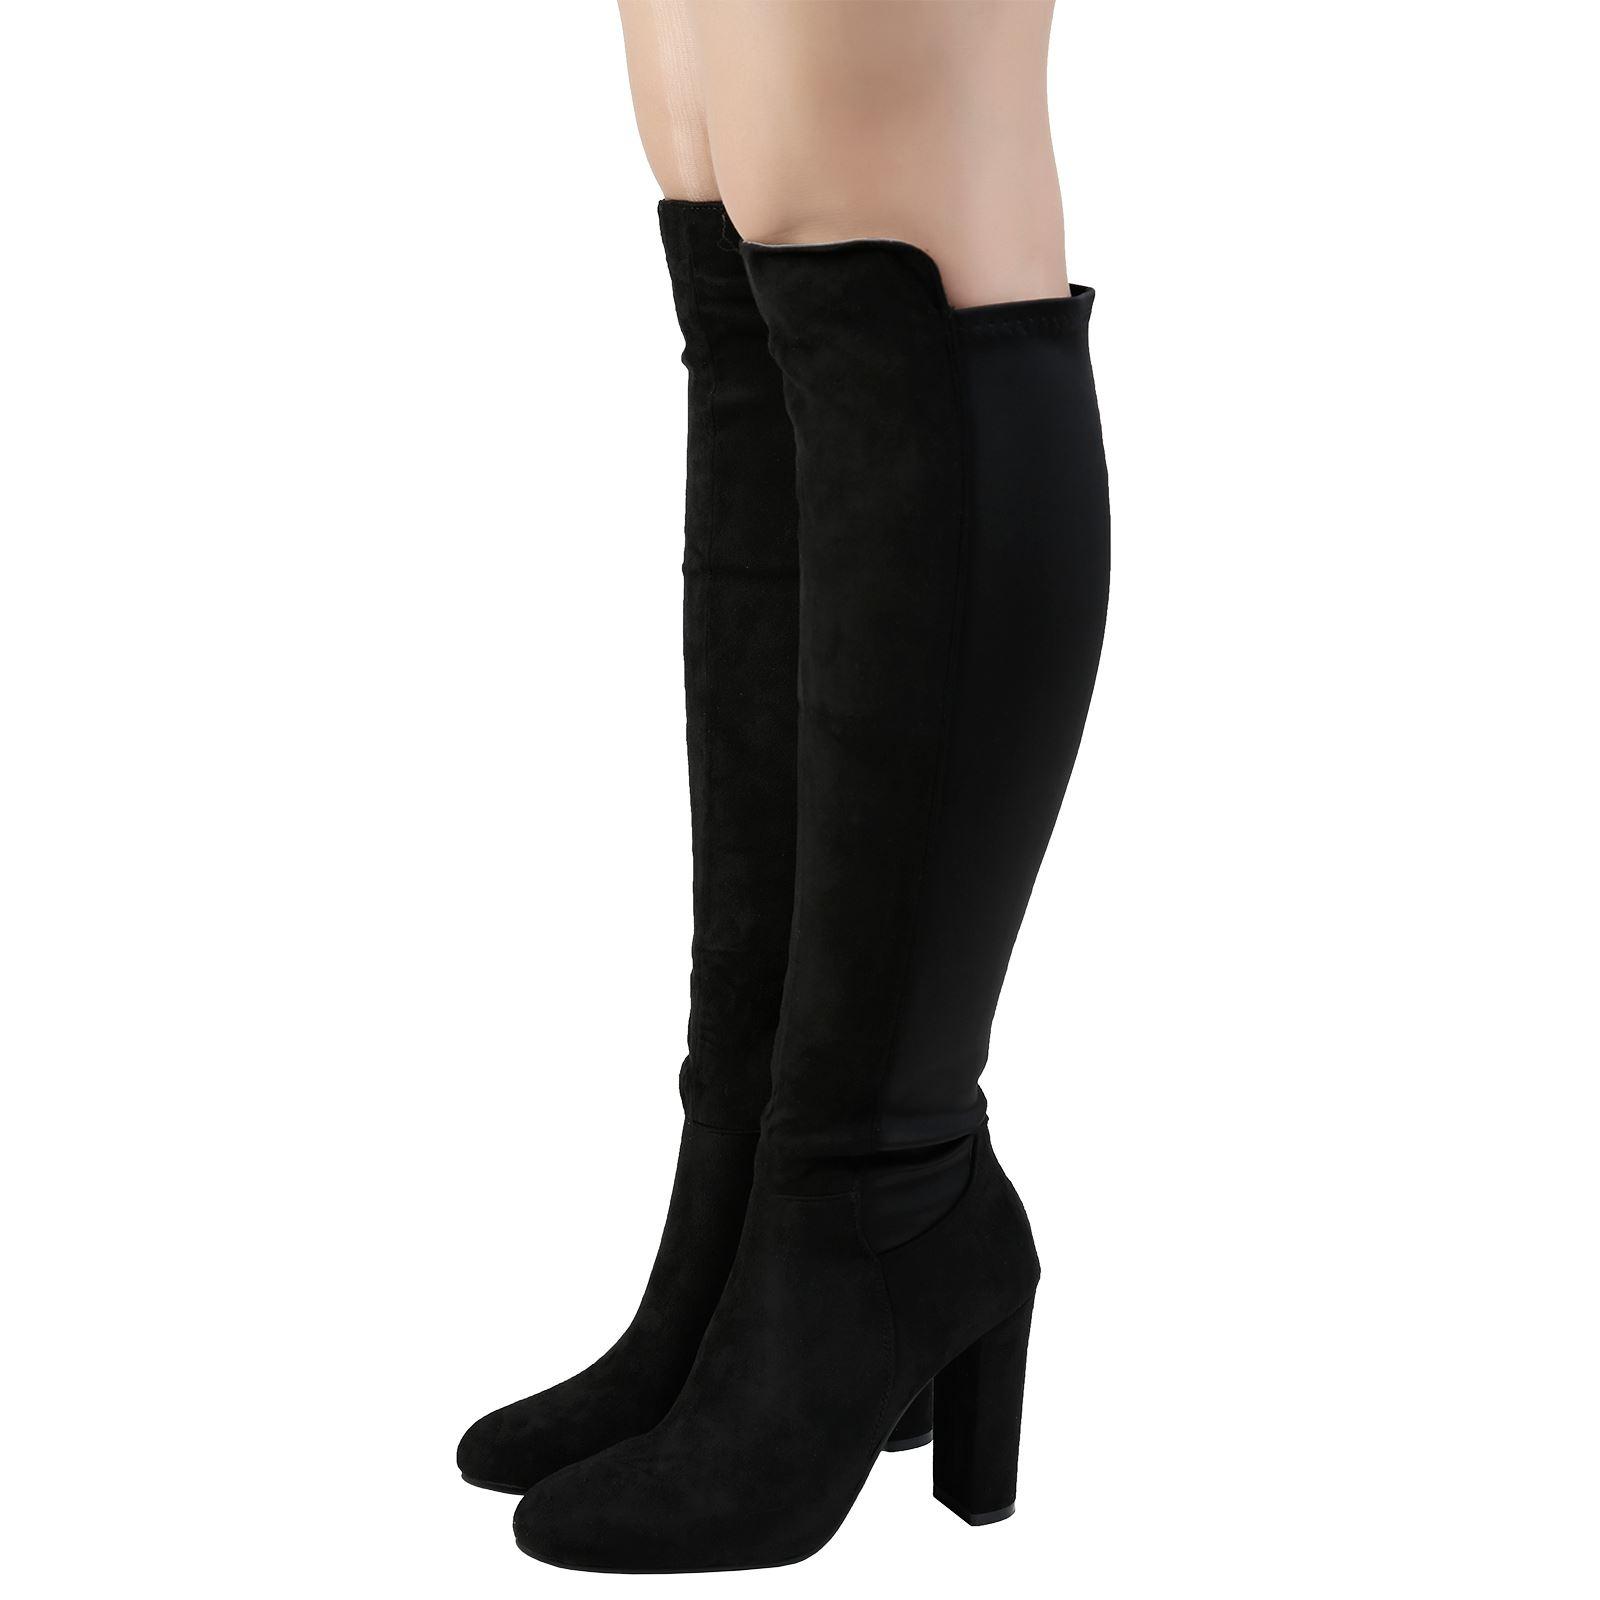 Botas Para Mujer Damas Tacón Hasta La Rodilla Pantorrilla Bloque Elástico Largo Equitación zapatos Talla Nuevo